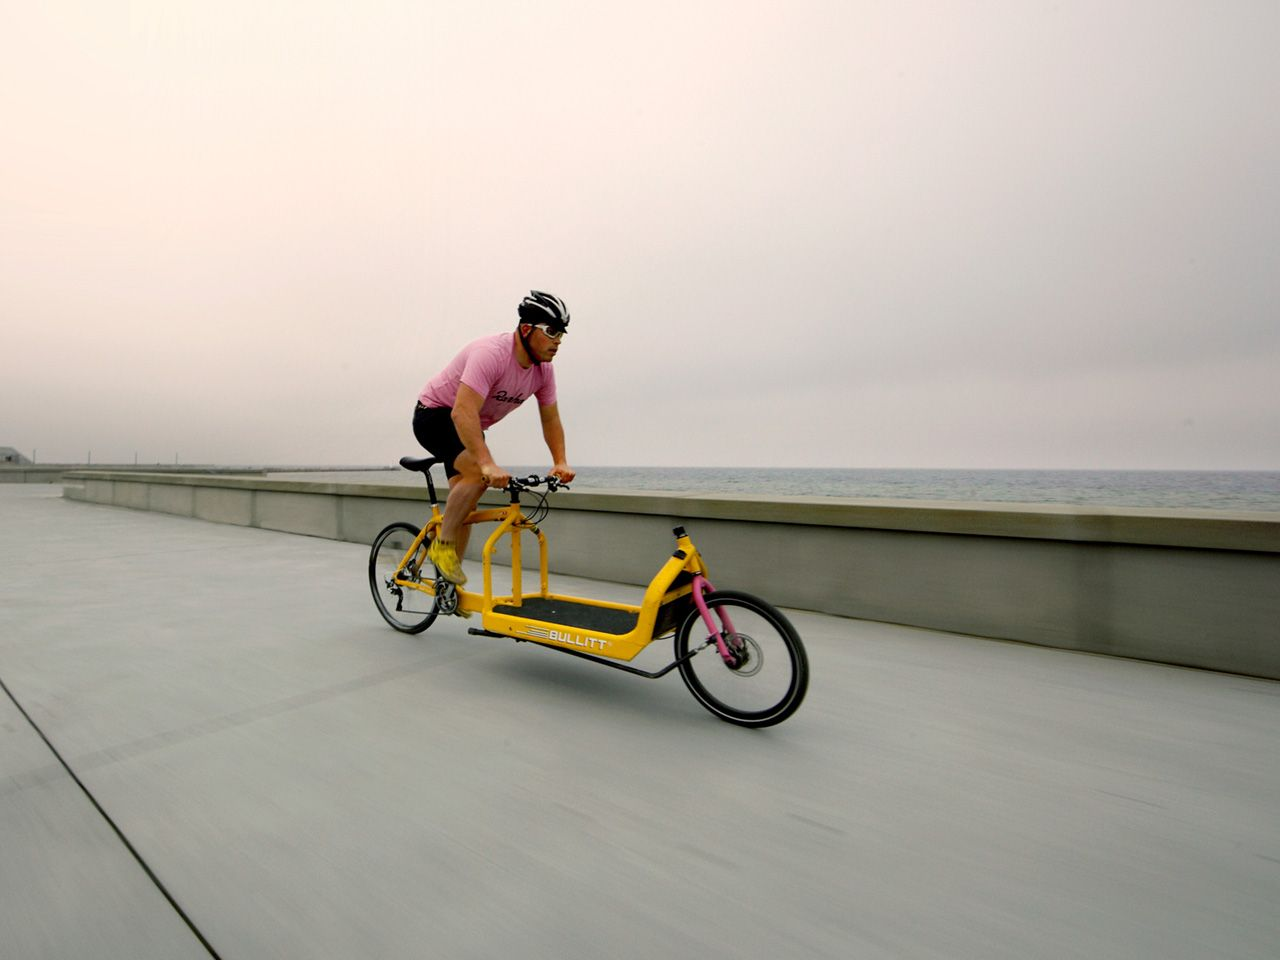 Larry vs harry cargo bike bullitt a fast cargo bike designed by larry vs harry copenhagen denmark